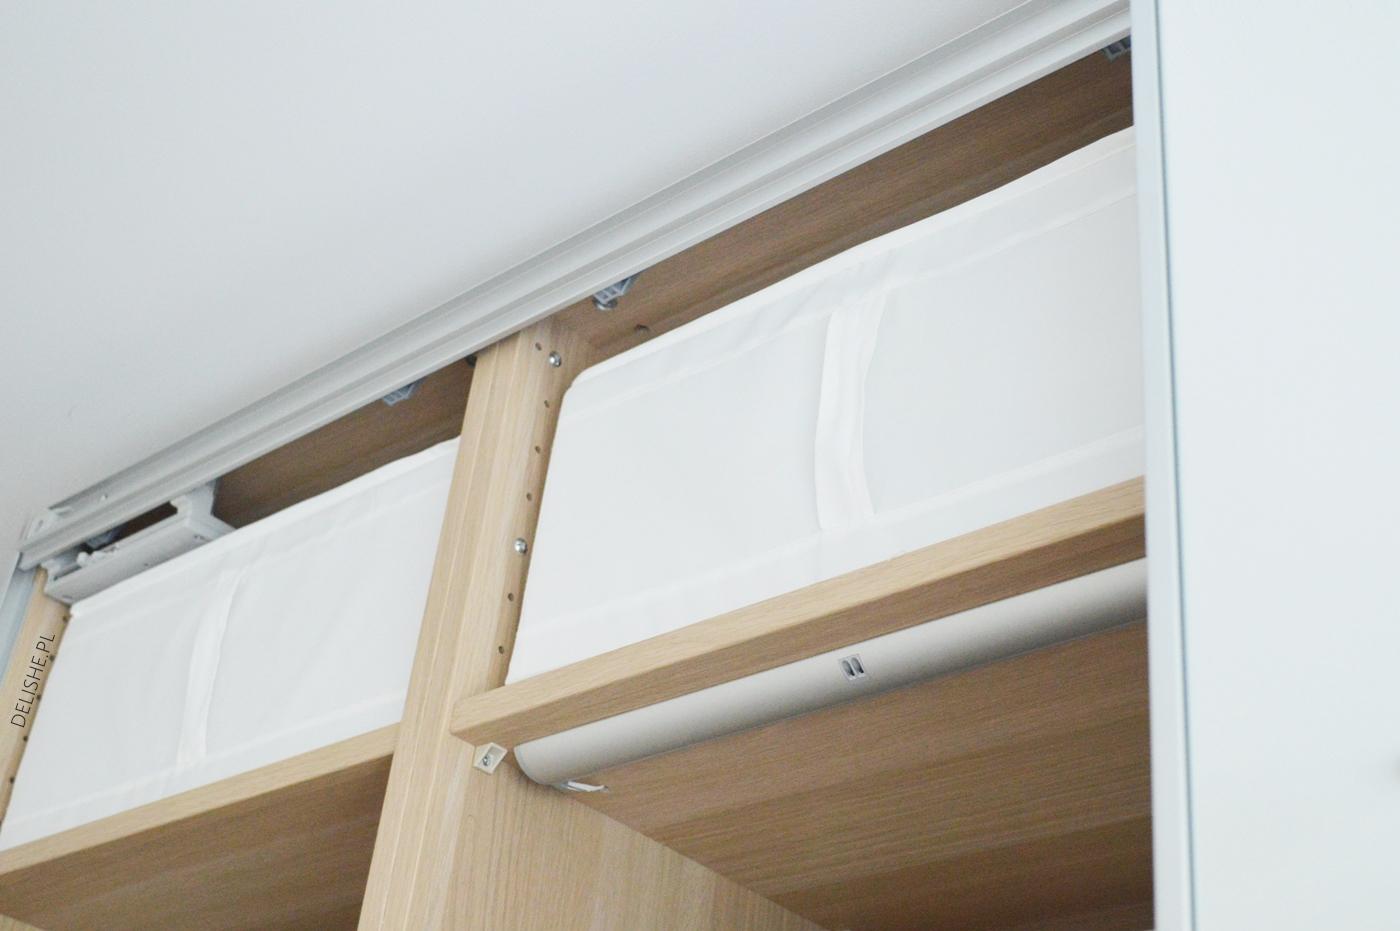 ikea organizacja szafy pojemniki